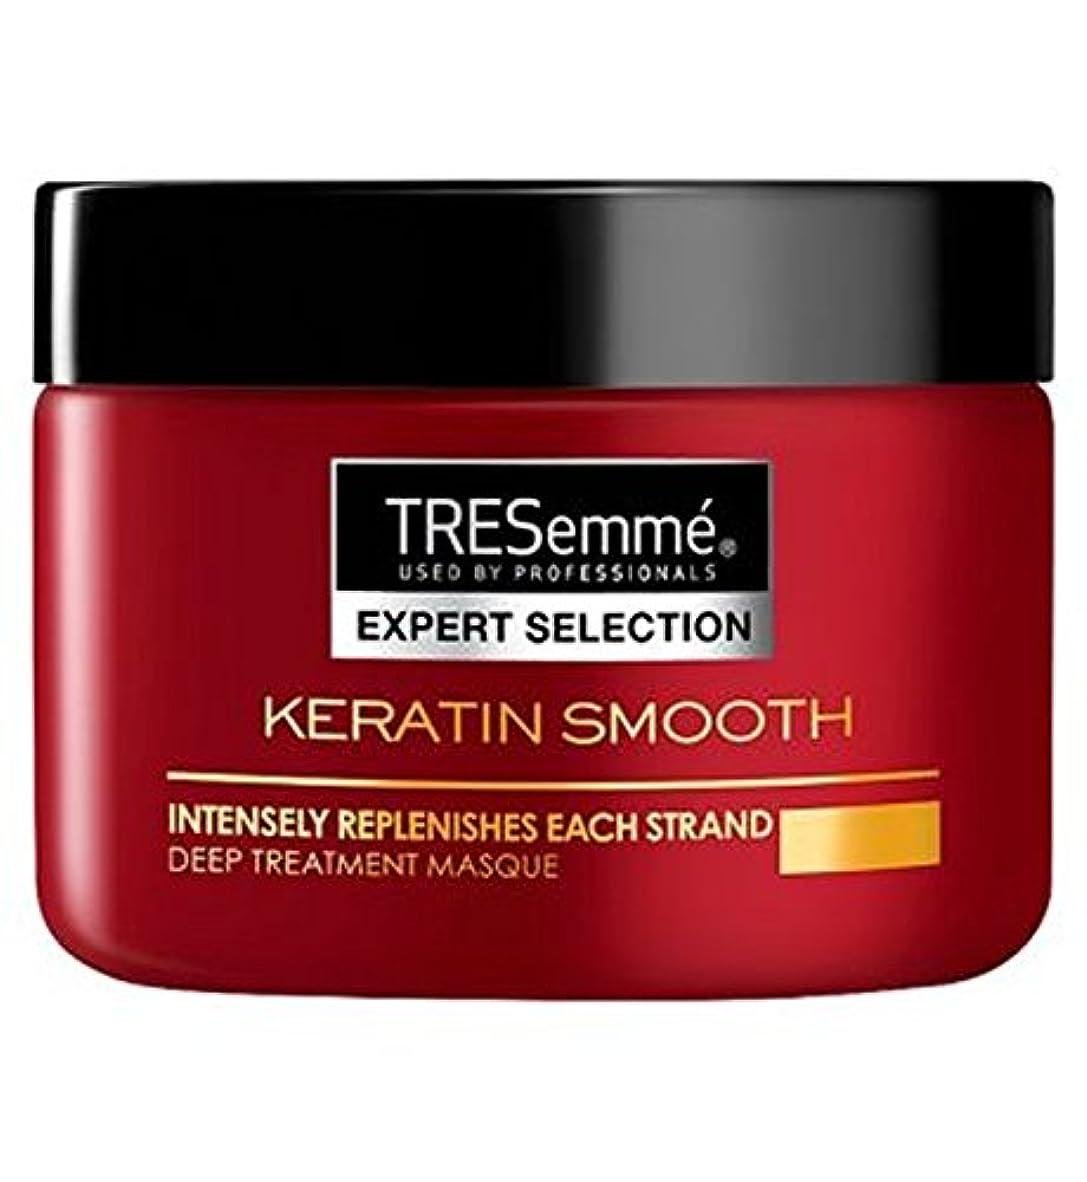 フォアマンぜいたく証言Tresemme Keratin Smooth Deep Treatment Masque 300ml - Tresemmeケラチン滑らかな深い治療の仮面劇の300ミリリットル (Tresemme) [並行輸入品]